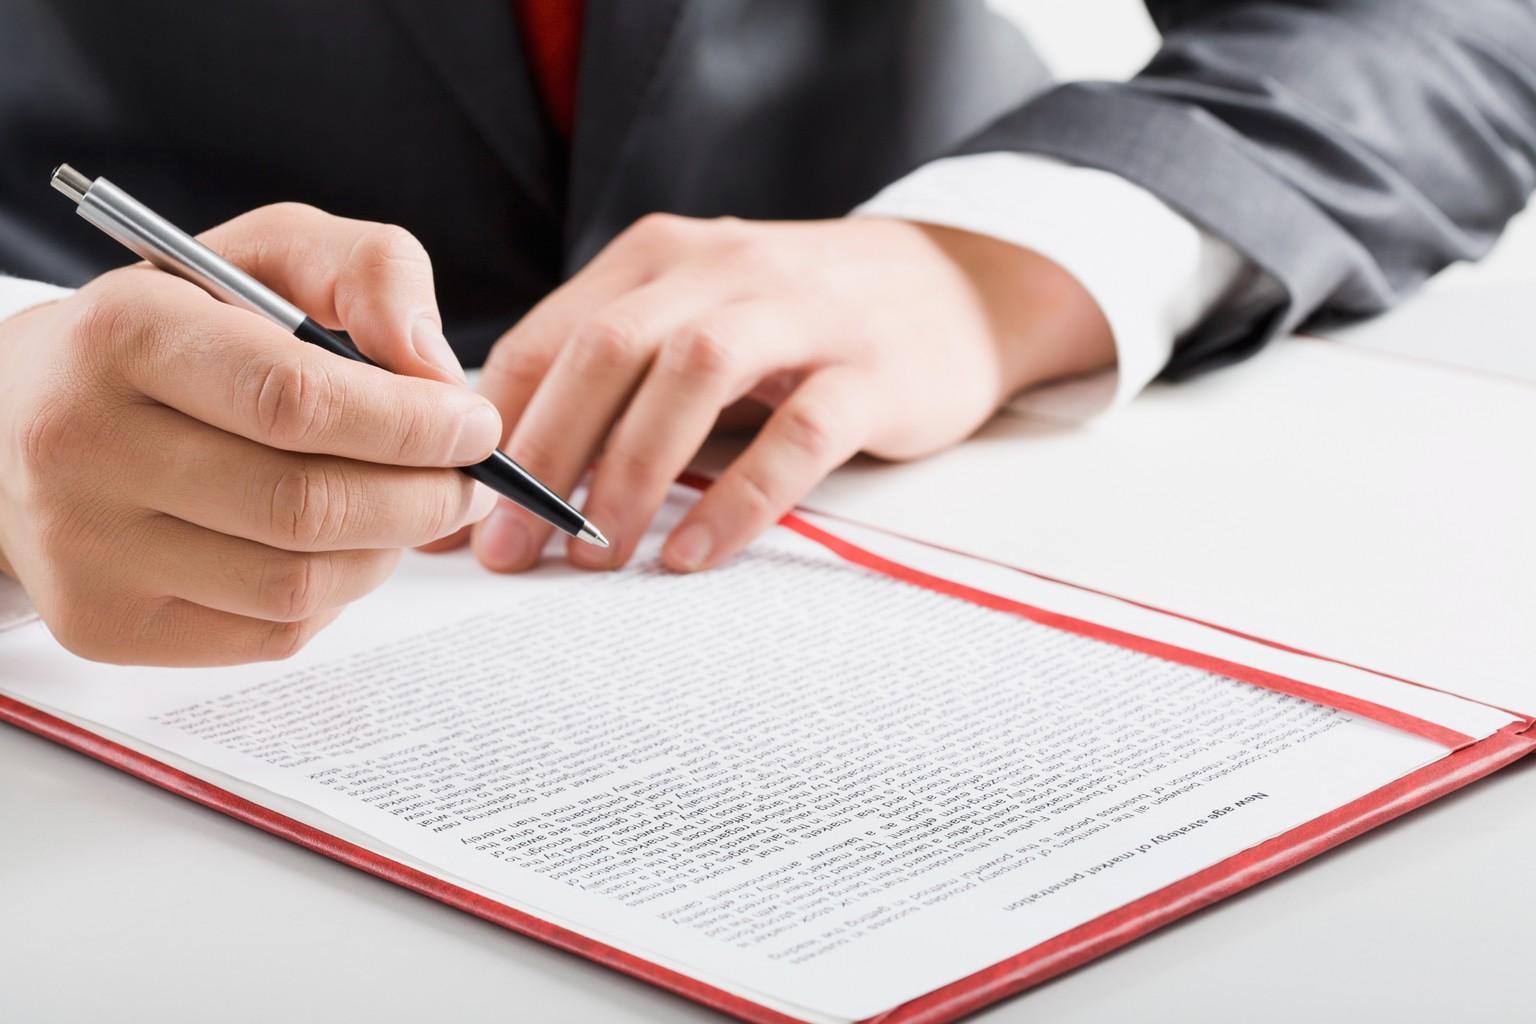 Обжалование отказа в регистрации прав